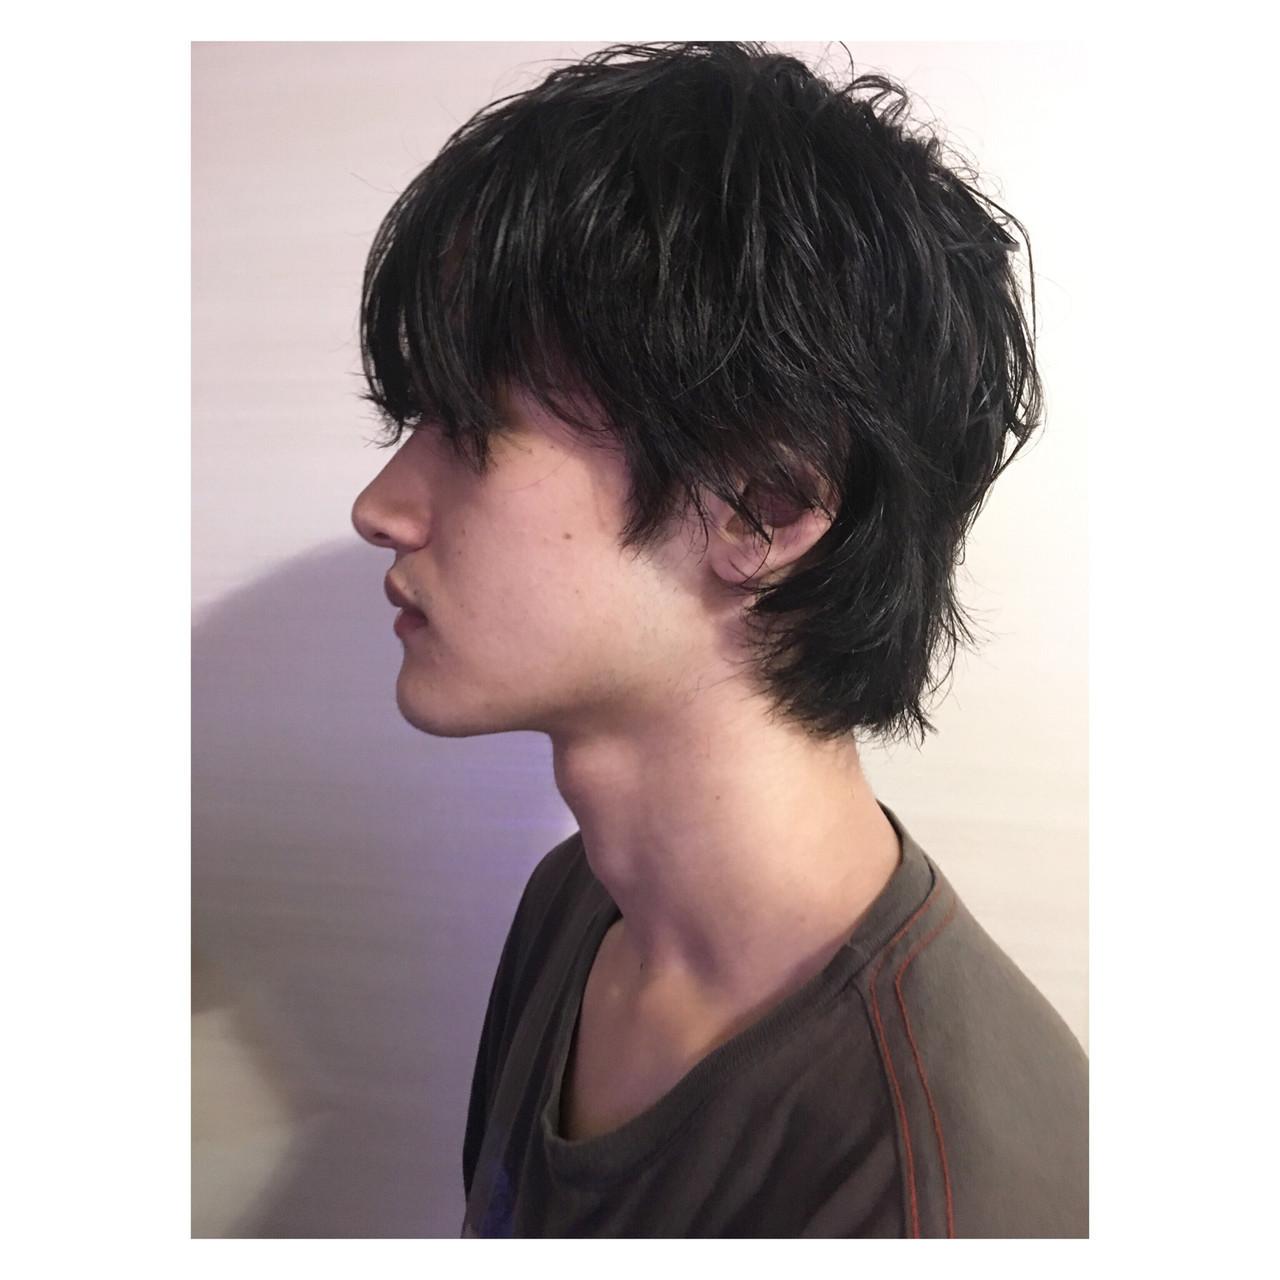 ウルフカット メンズヘア マッシュショート メンズカット ヘアスタイルや髪型の写真・画像